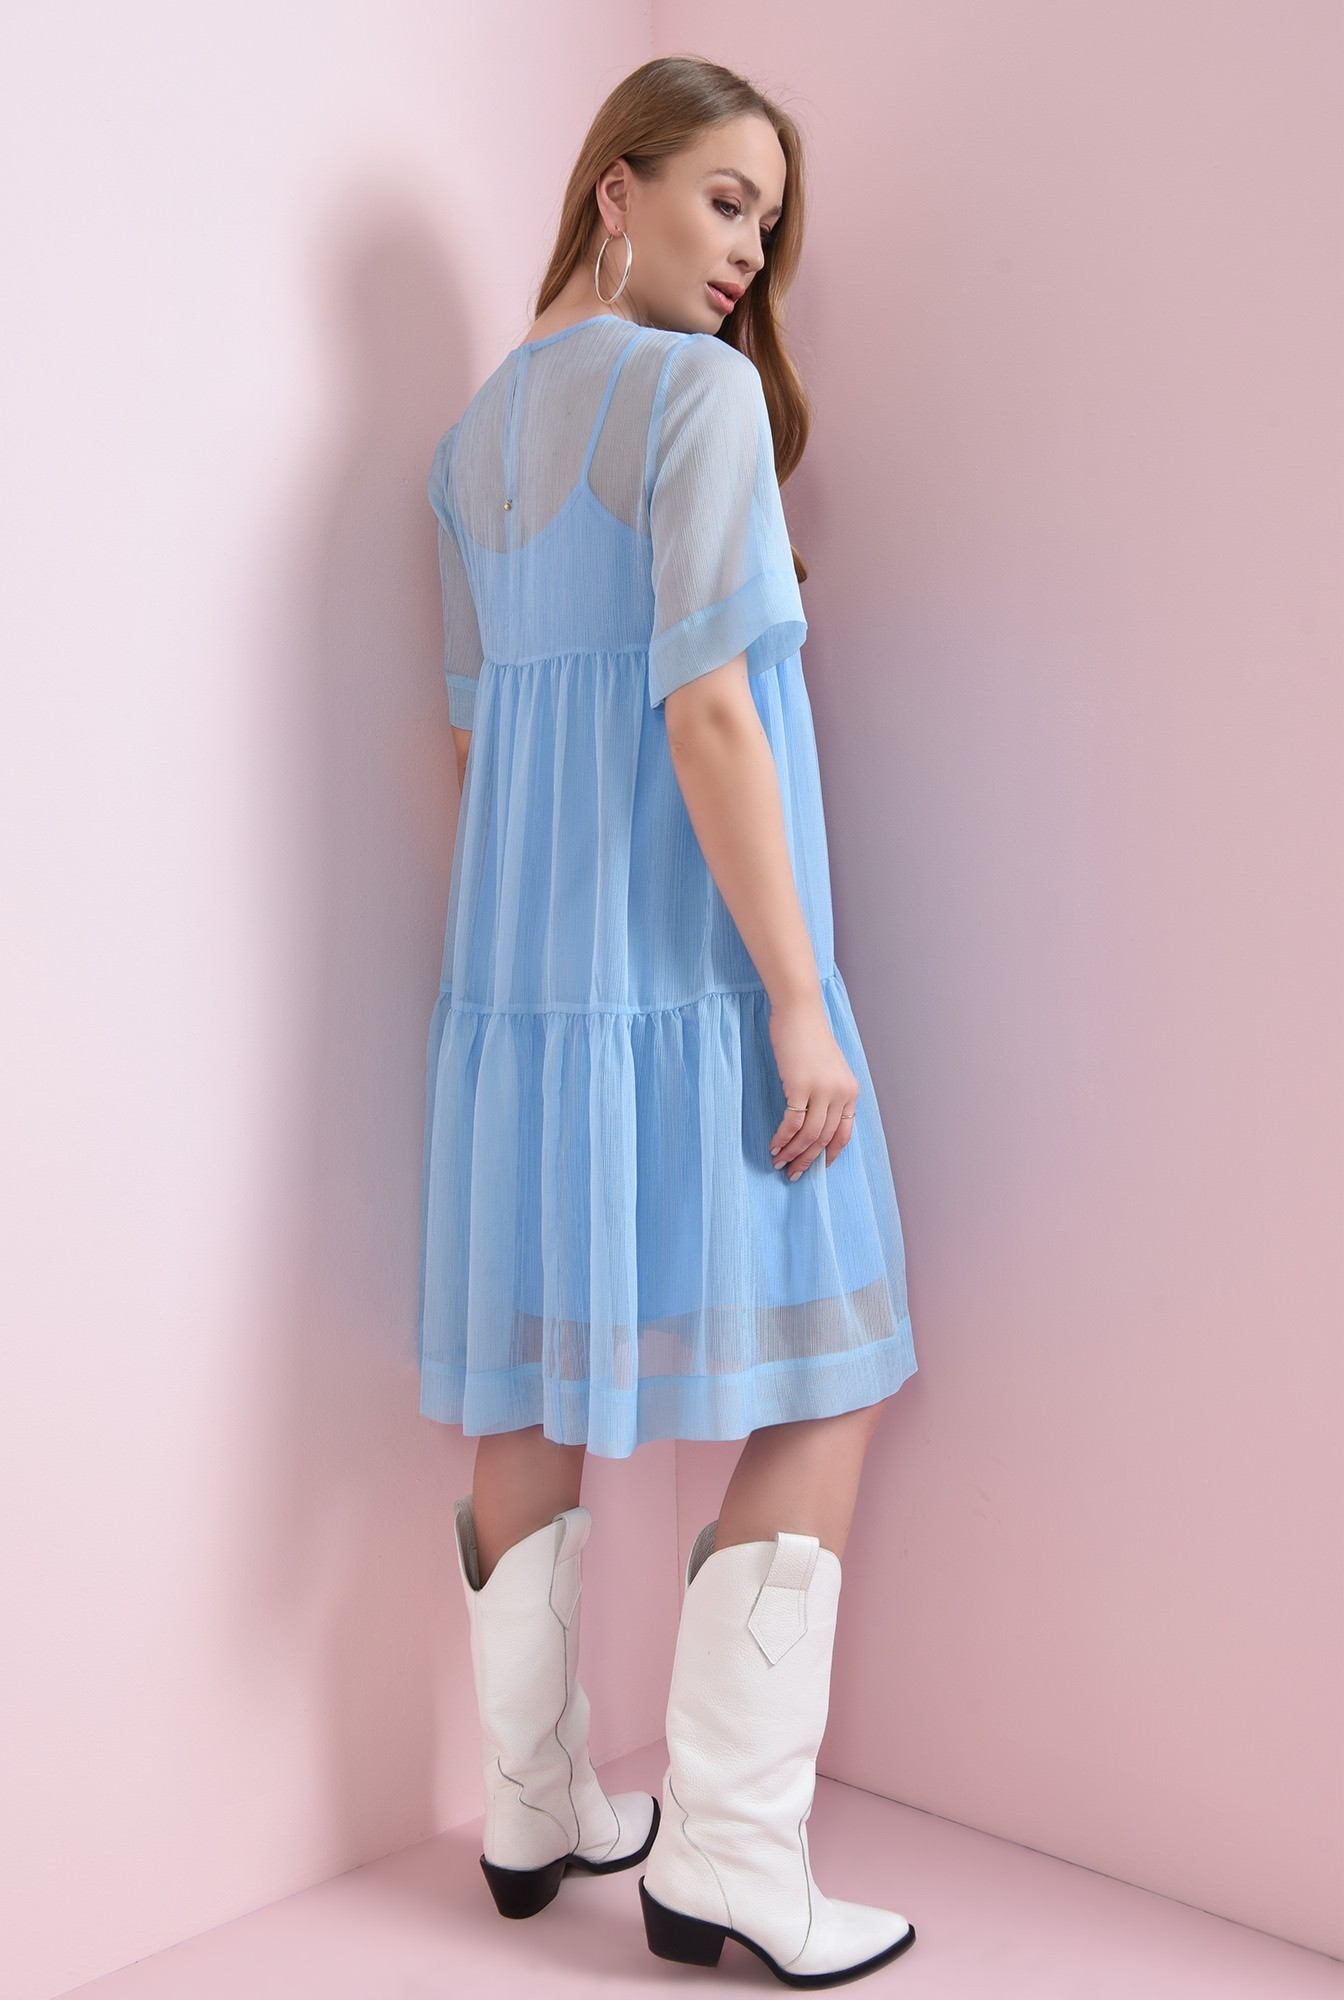 0 - rochie bleu, din voal, evazata